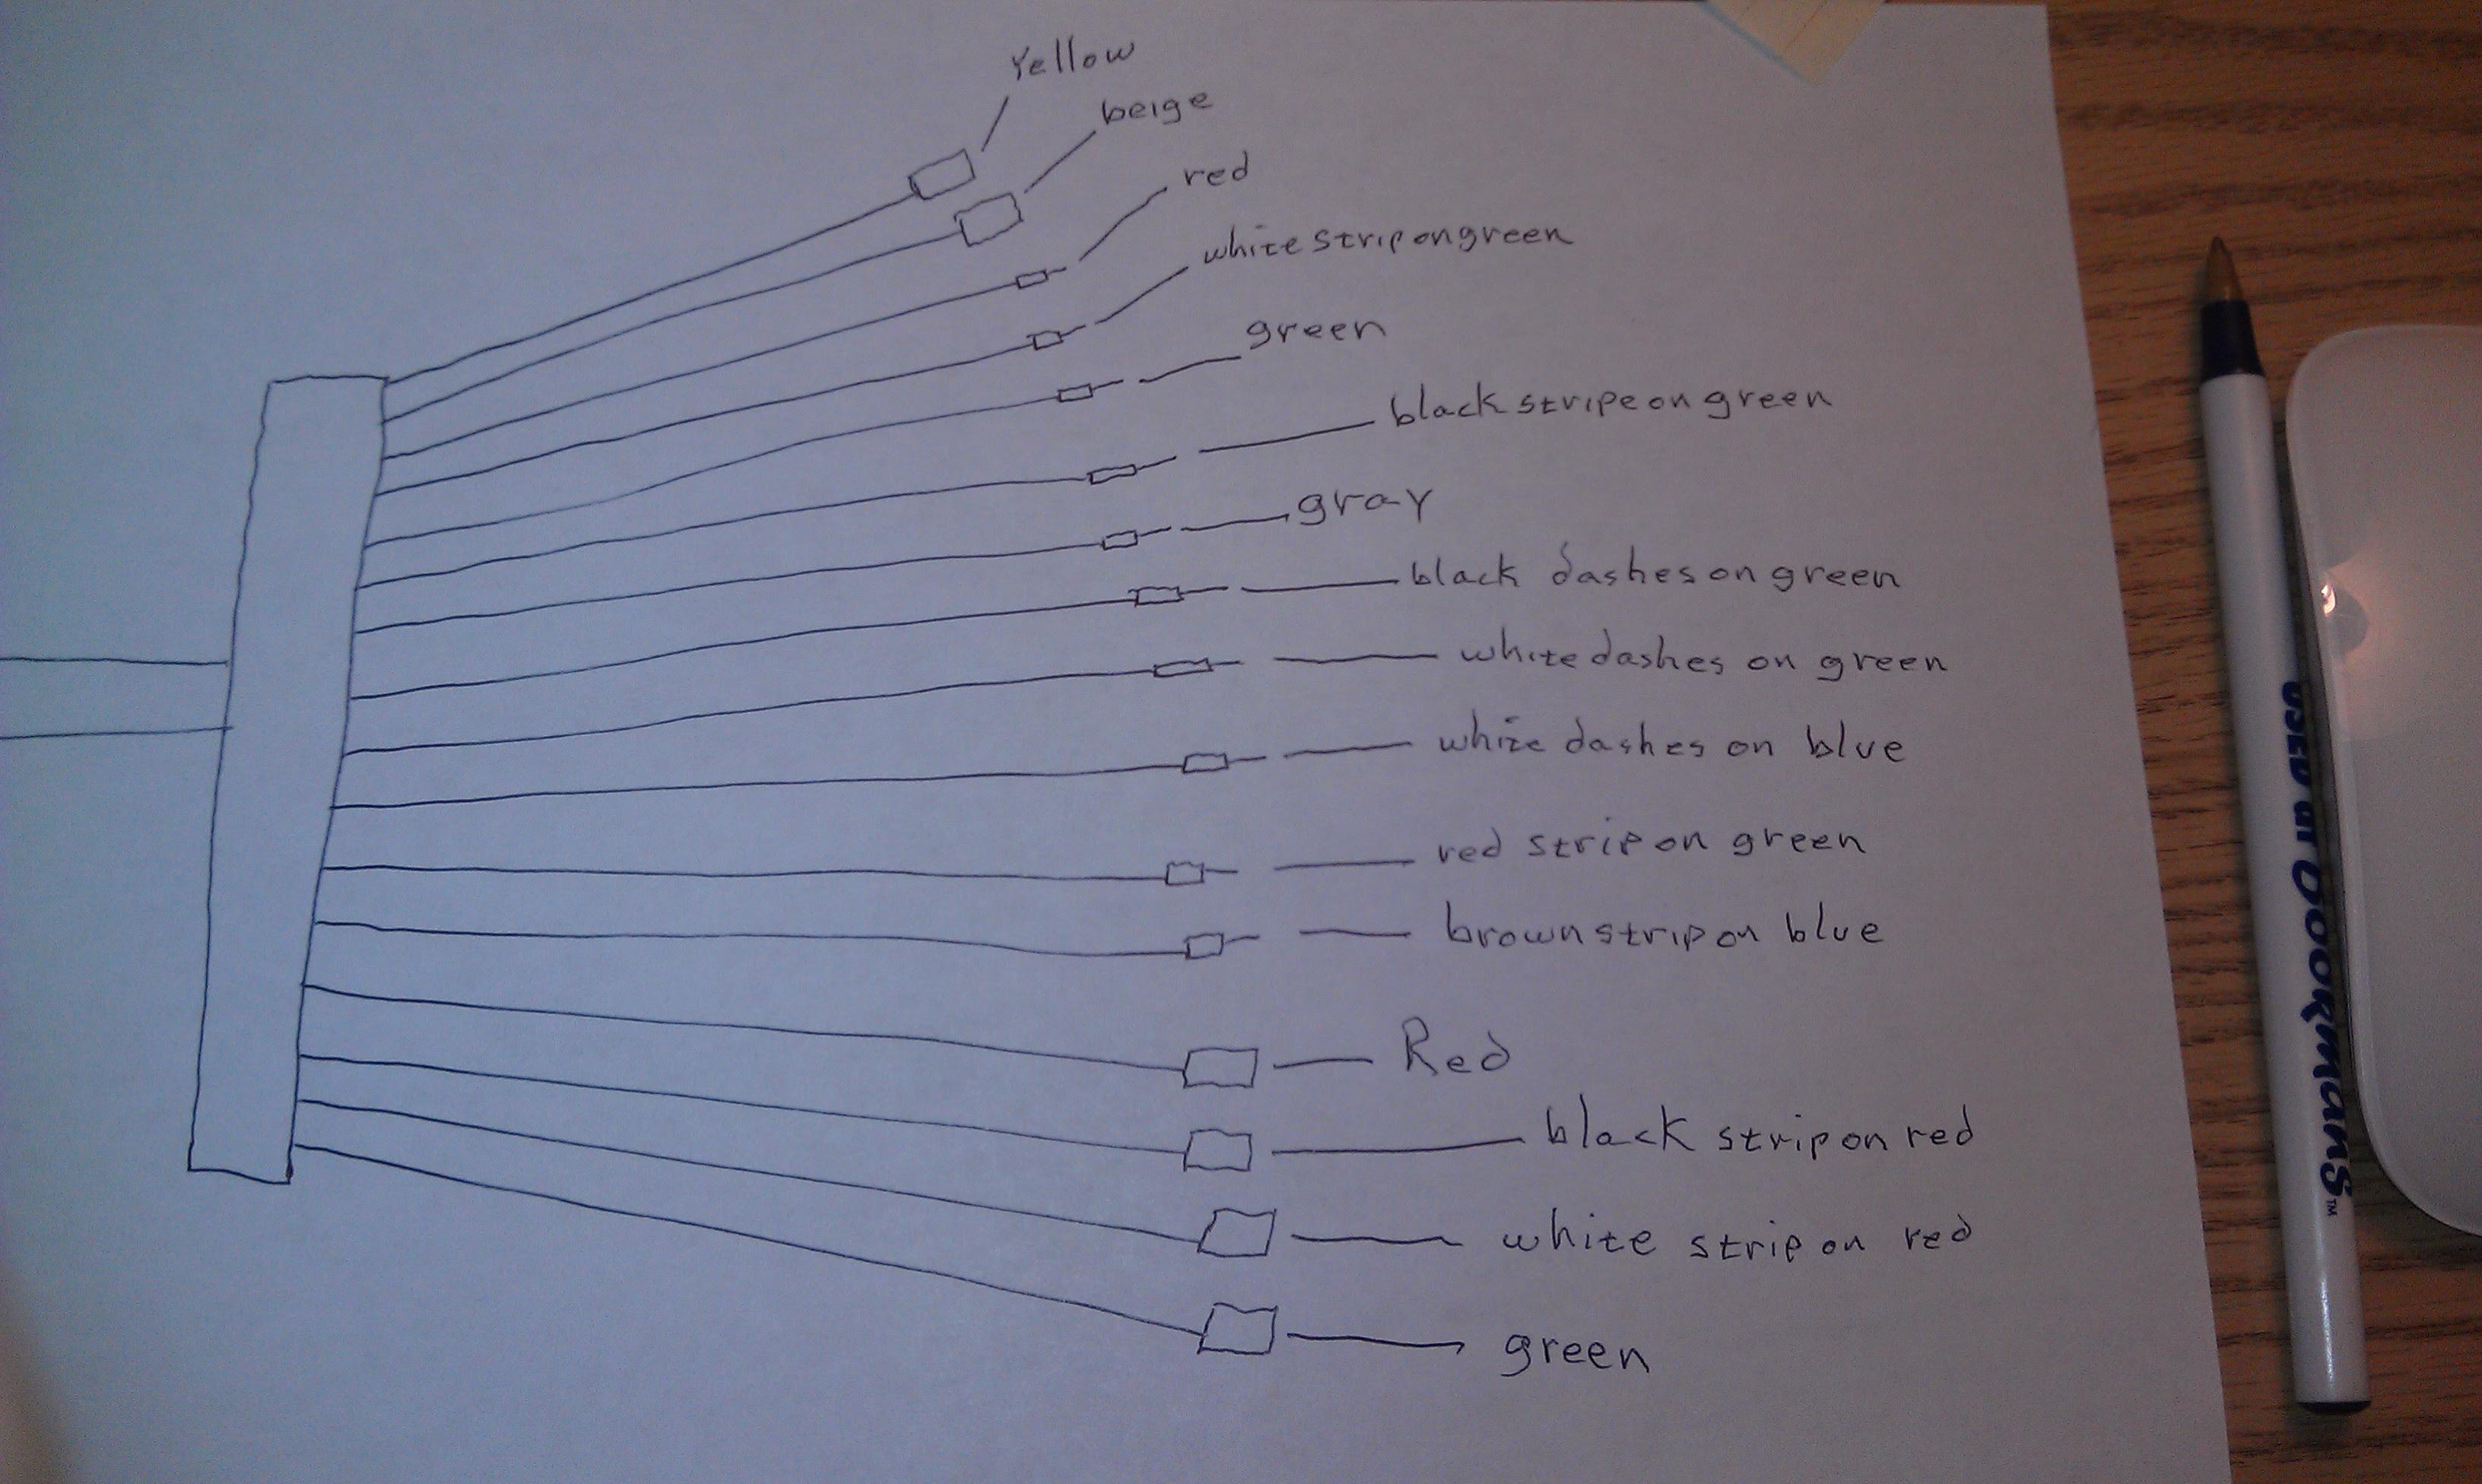 2000 Kia Sephia Radio Wiring Diagram - Diagram Resource ...